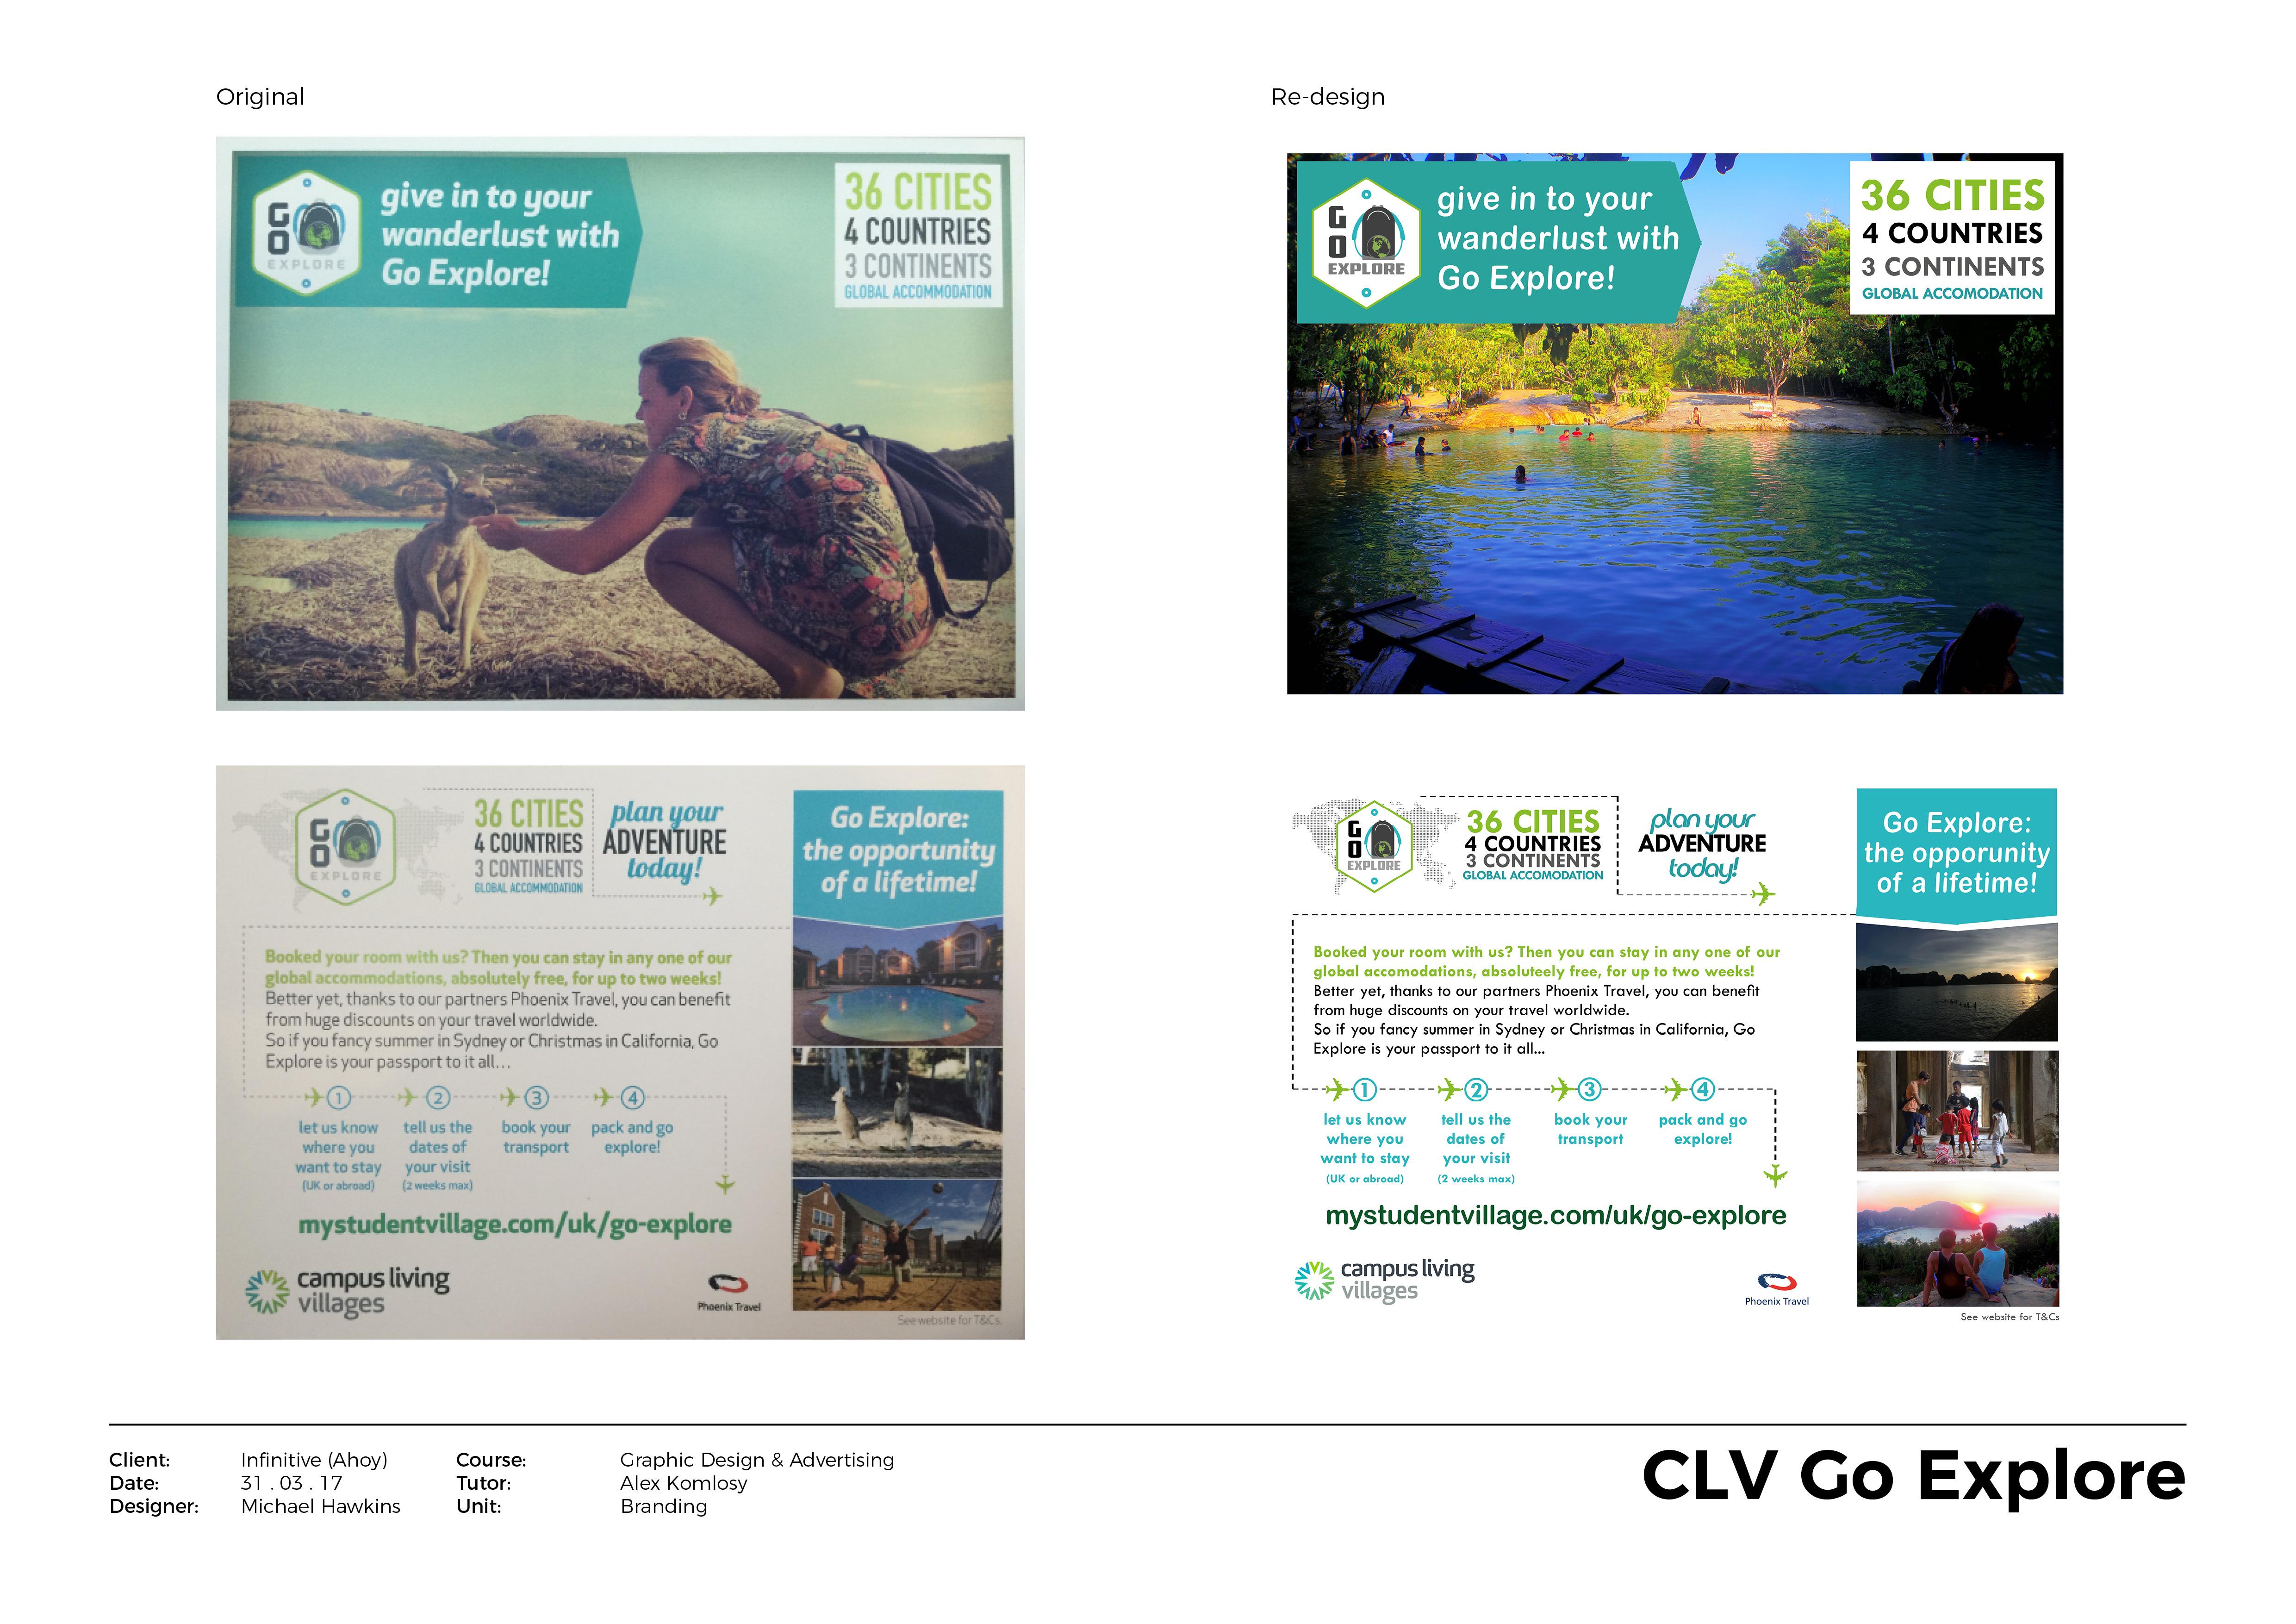 CLV GO Explore